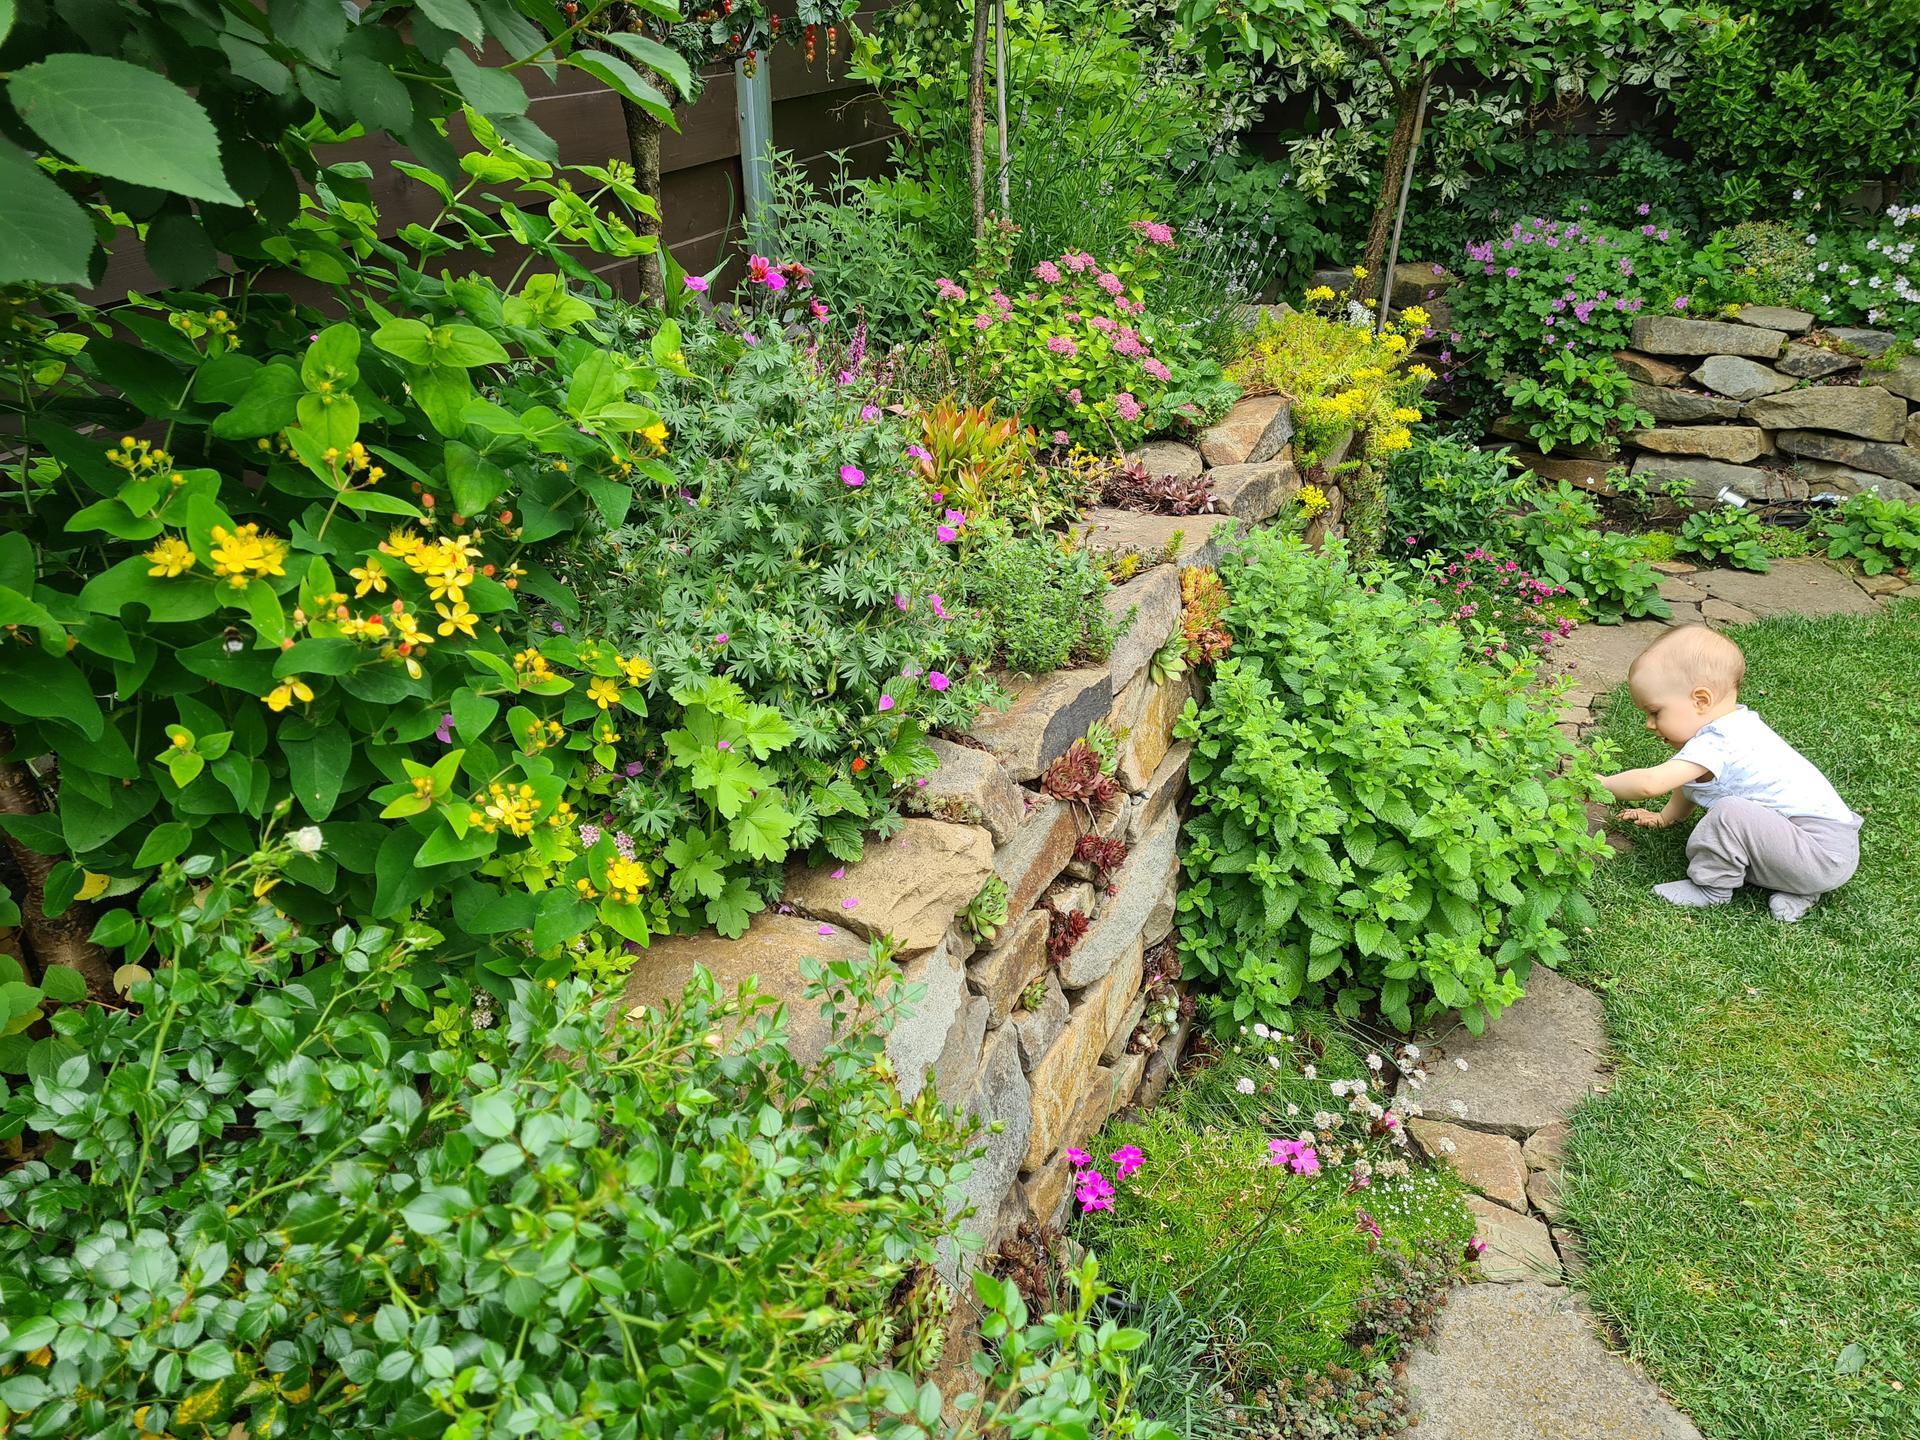 Naša záhradka 2021 - Moj maly zahradny pomocnik